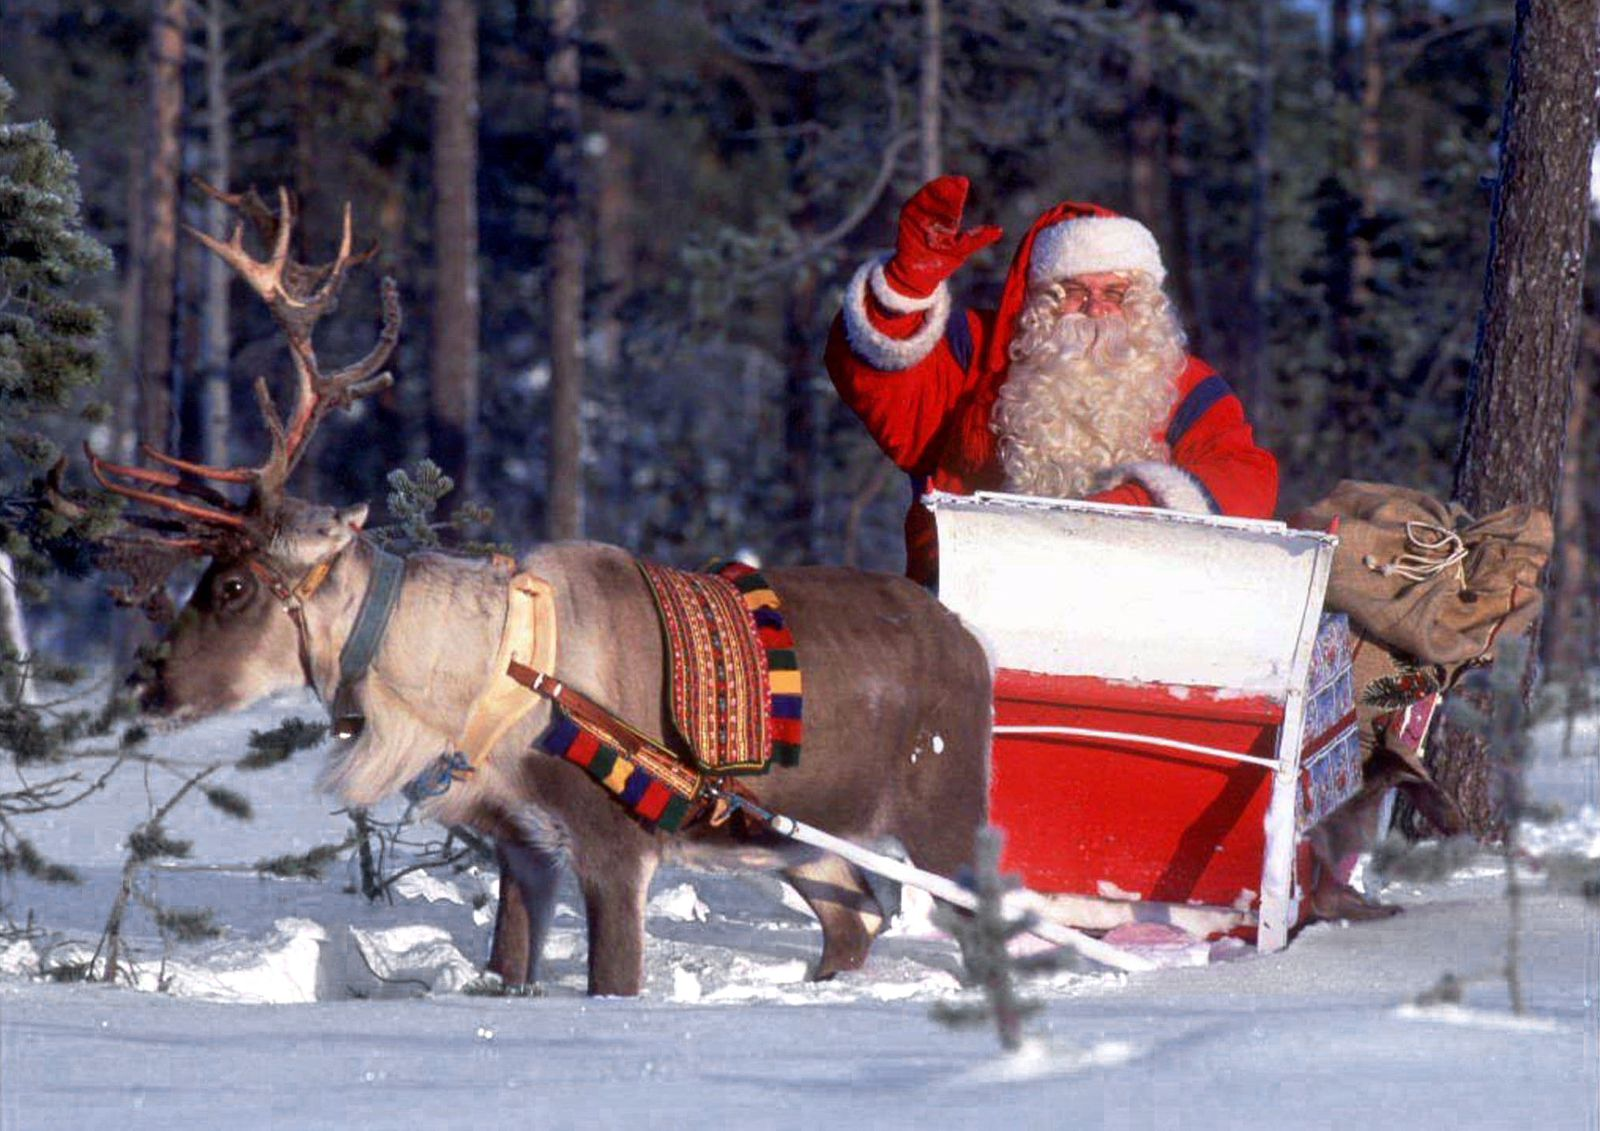 Weihnachtsquiz/ Weihnachtsmann